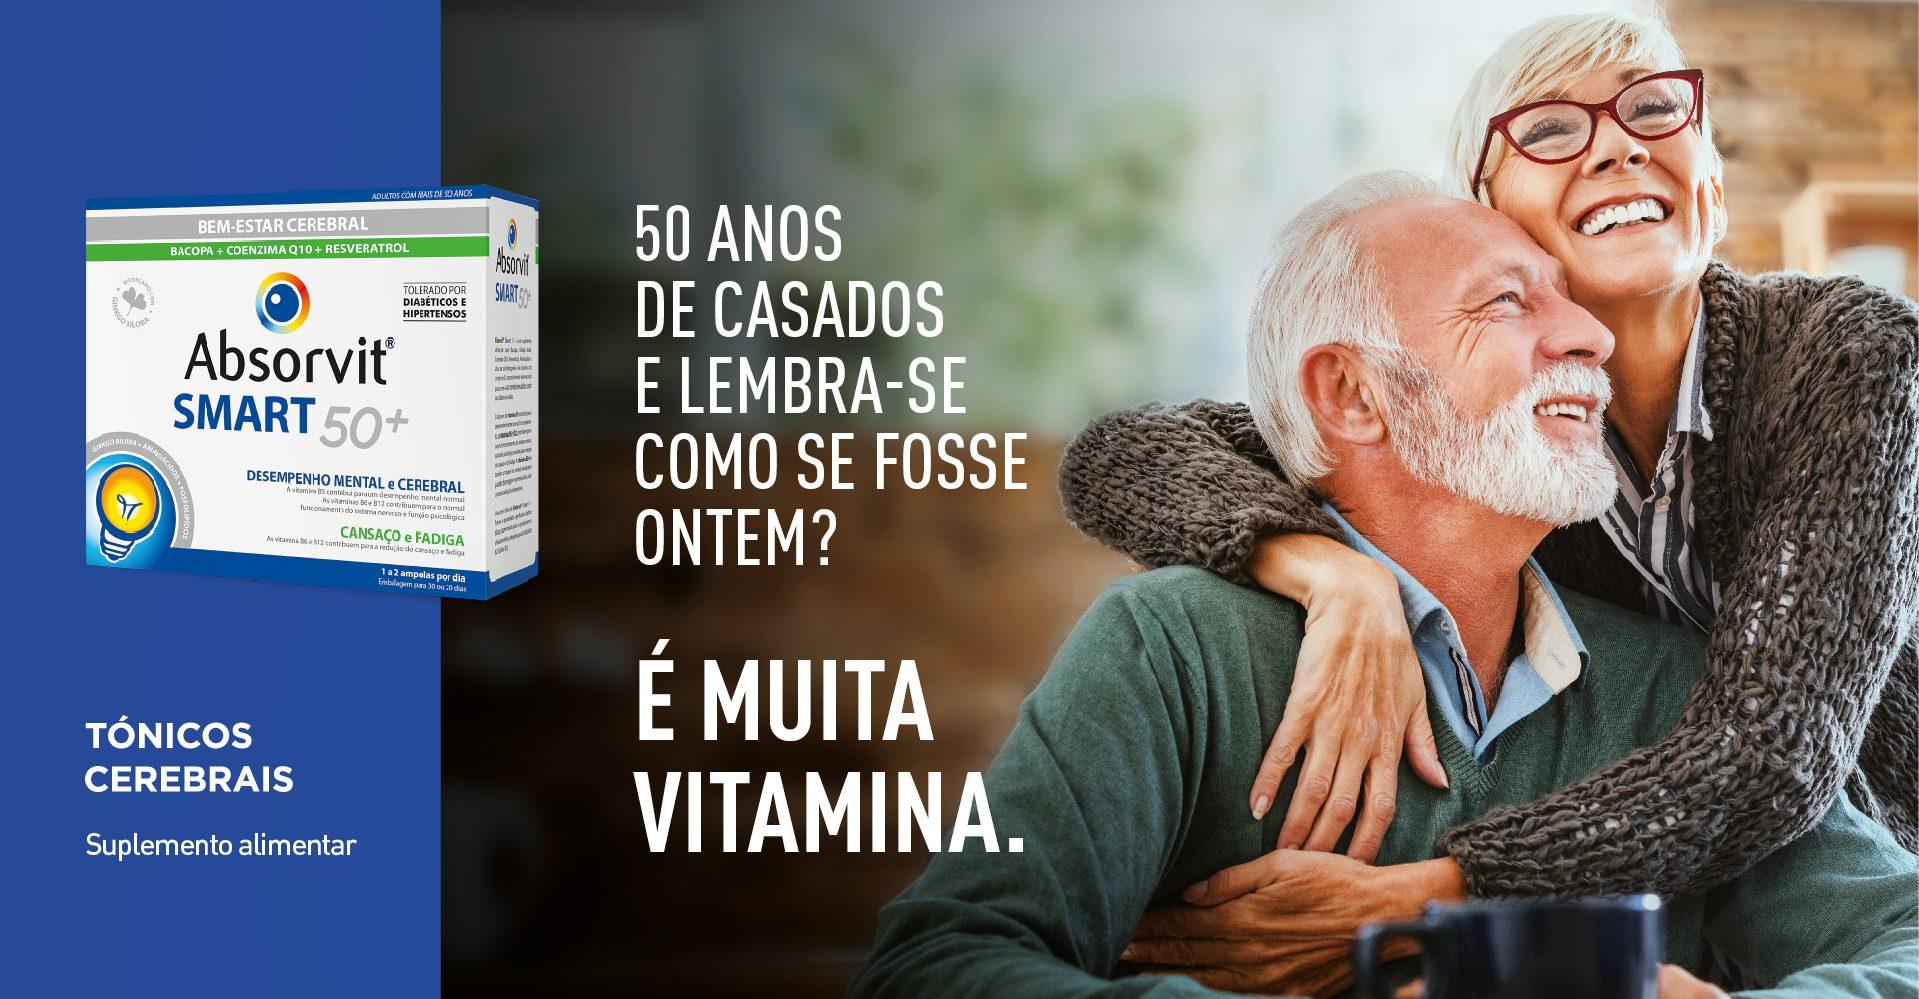 Absorvit Smart 50+